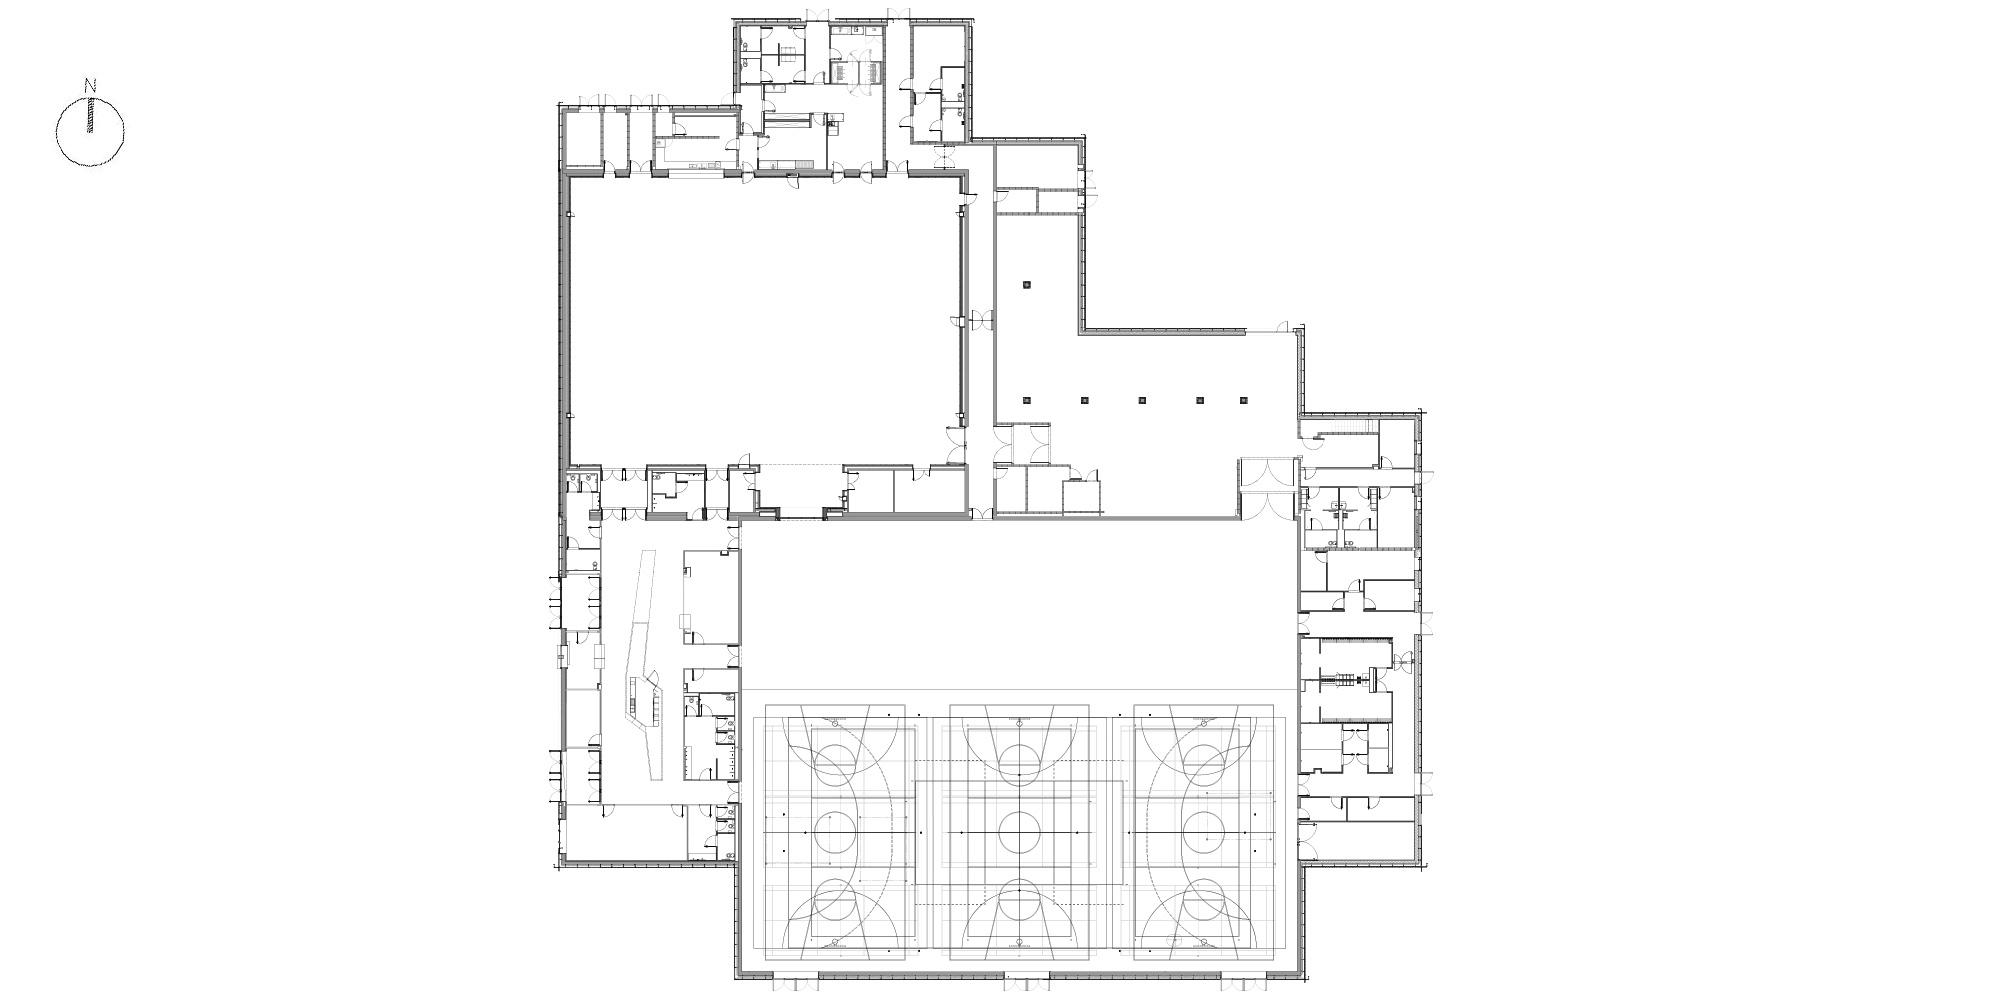 Pianta Piano Terra © Manuelle Gautrand Architecture